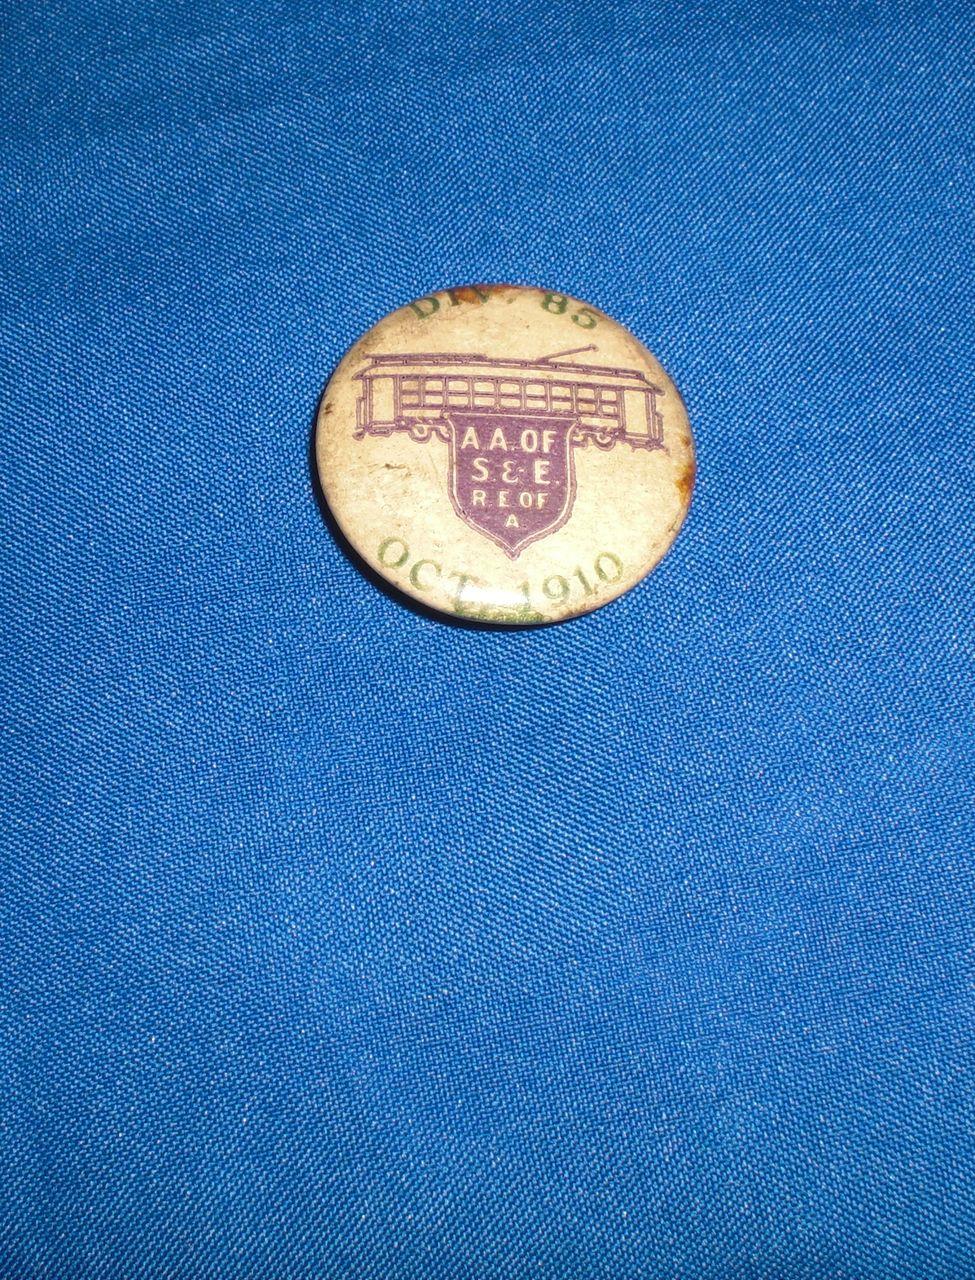 Trolley Div 85 Oct 1910 A A of S & E R E of A Vintage Pinback Button